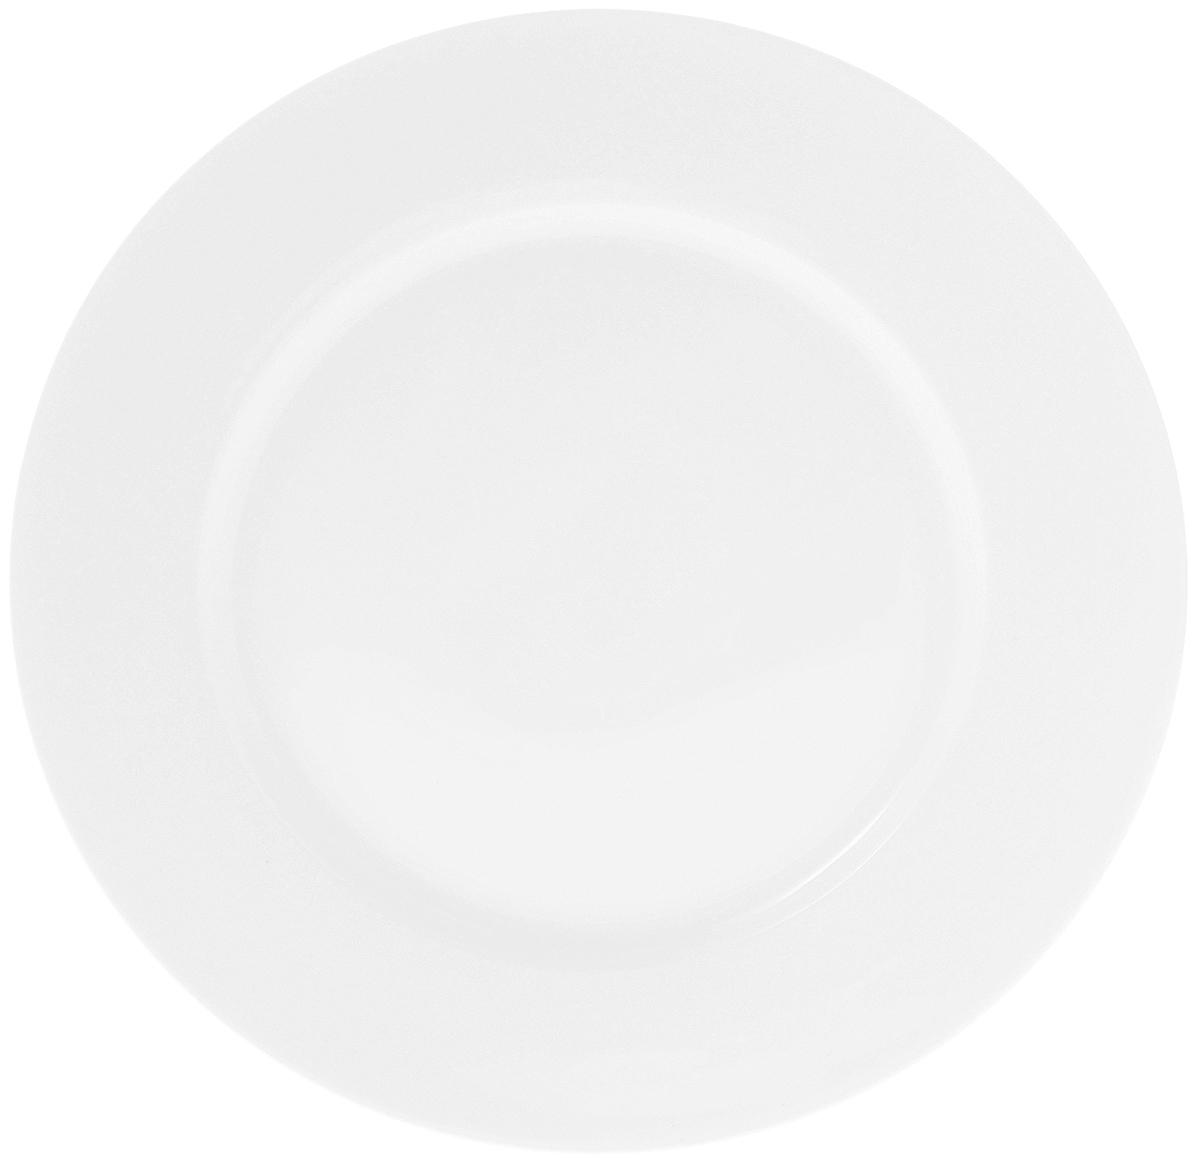 Тарелка Wilmax, диаметр 25,5 см. WL-991008 / AWL-991008 / AТарелка Wilmax, изготовленная из высококачественного фарфора, имеет классическую круглую форму. Изделие идеально подойдет для сервировки стола и станет отличным подарком к любому празднику. Можно мыть в посудомоечной машине и использовать в микроволновой печи.